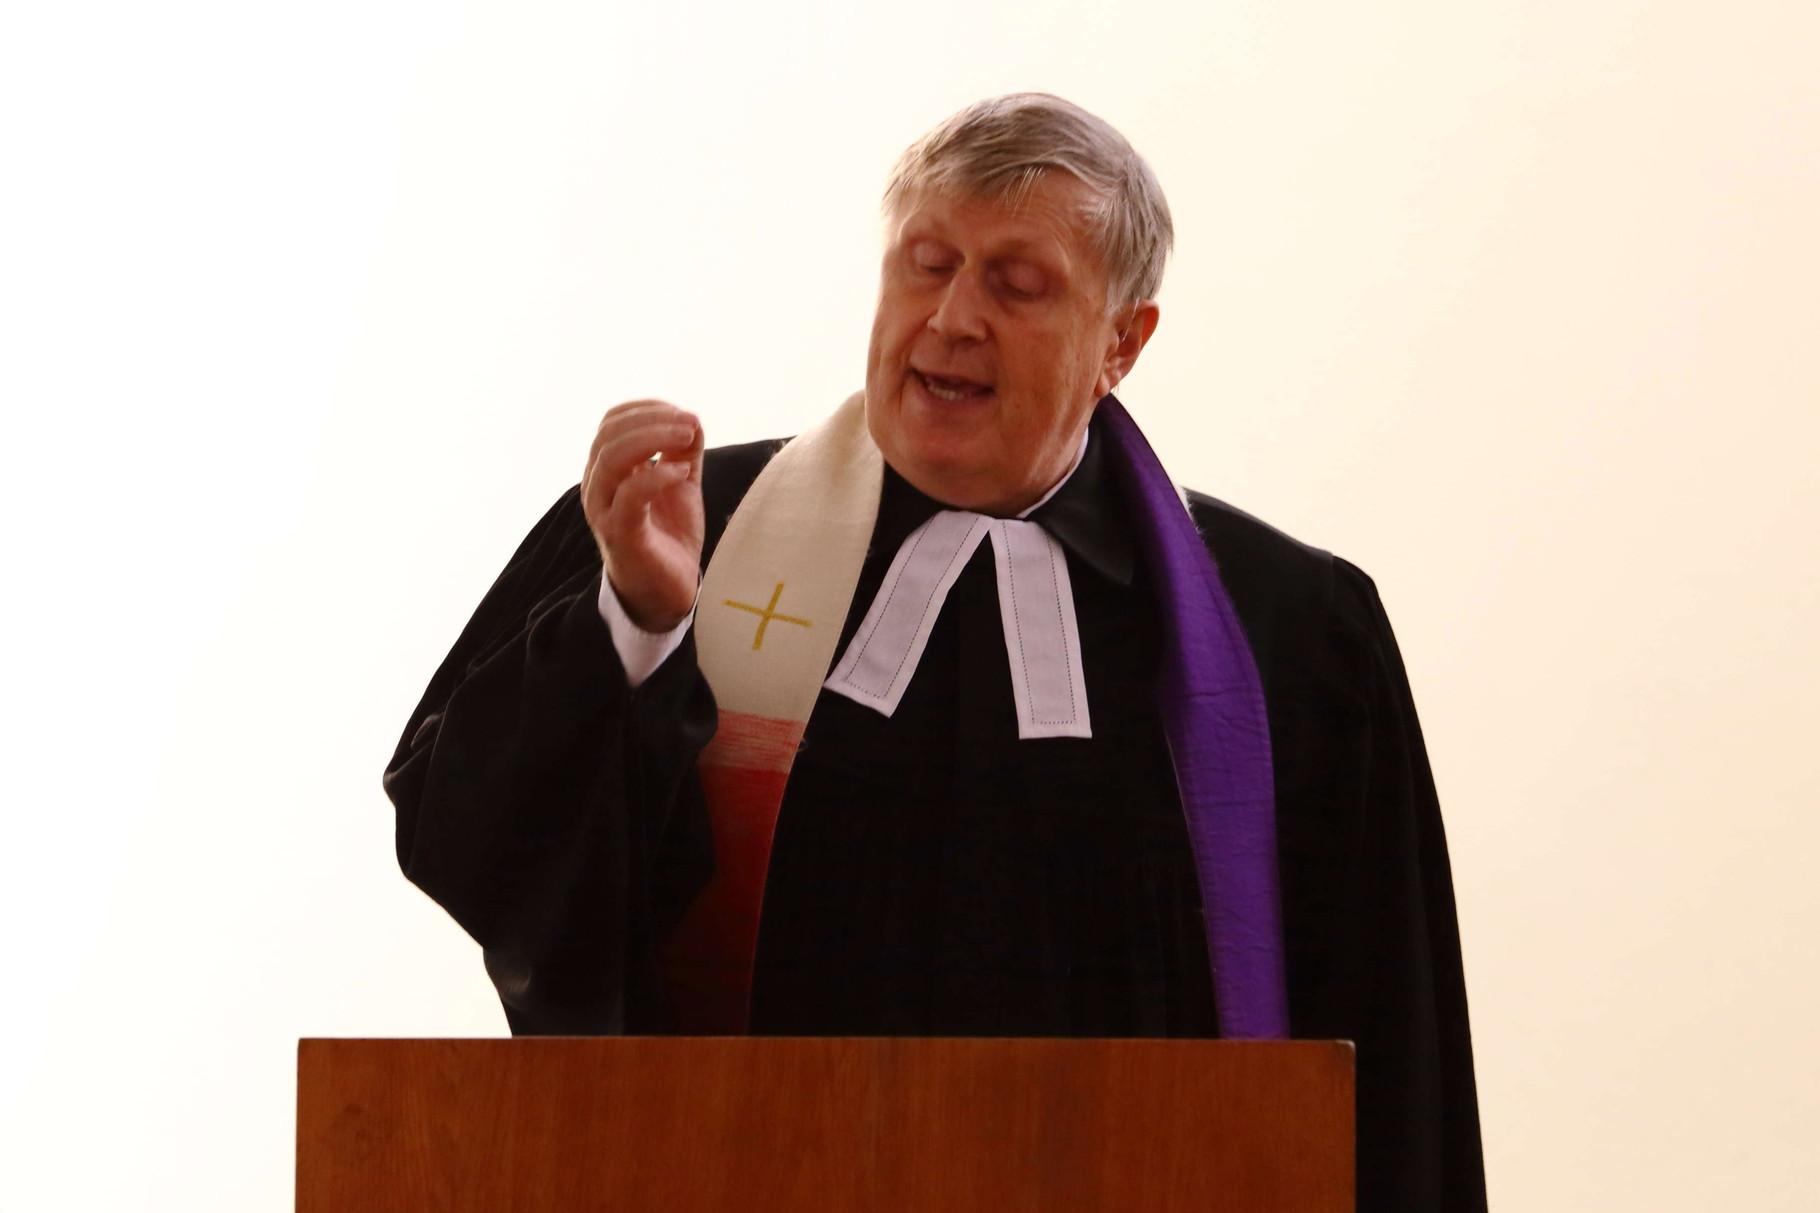 Pfarrer Bachmann bei seiner Predigt